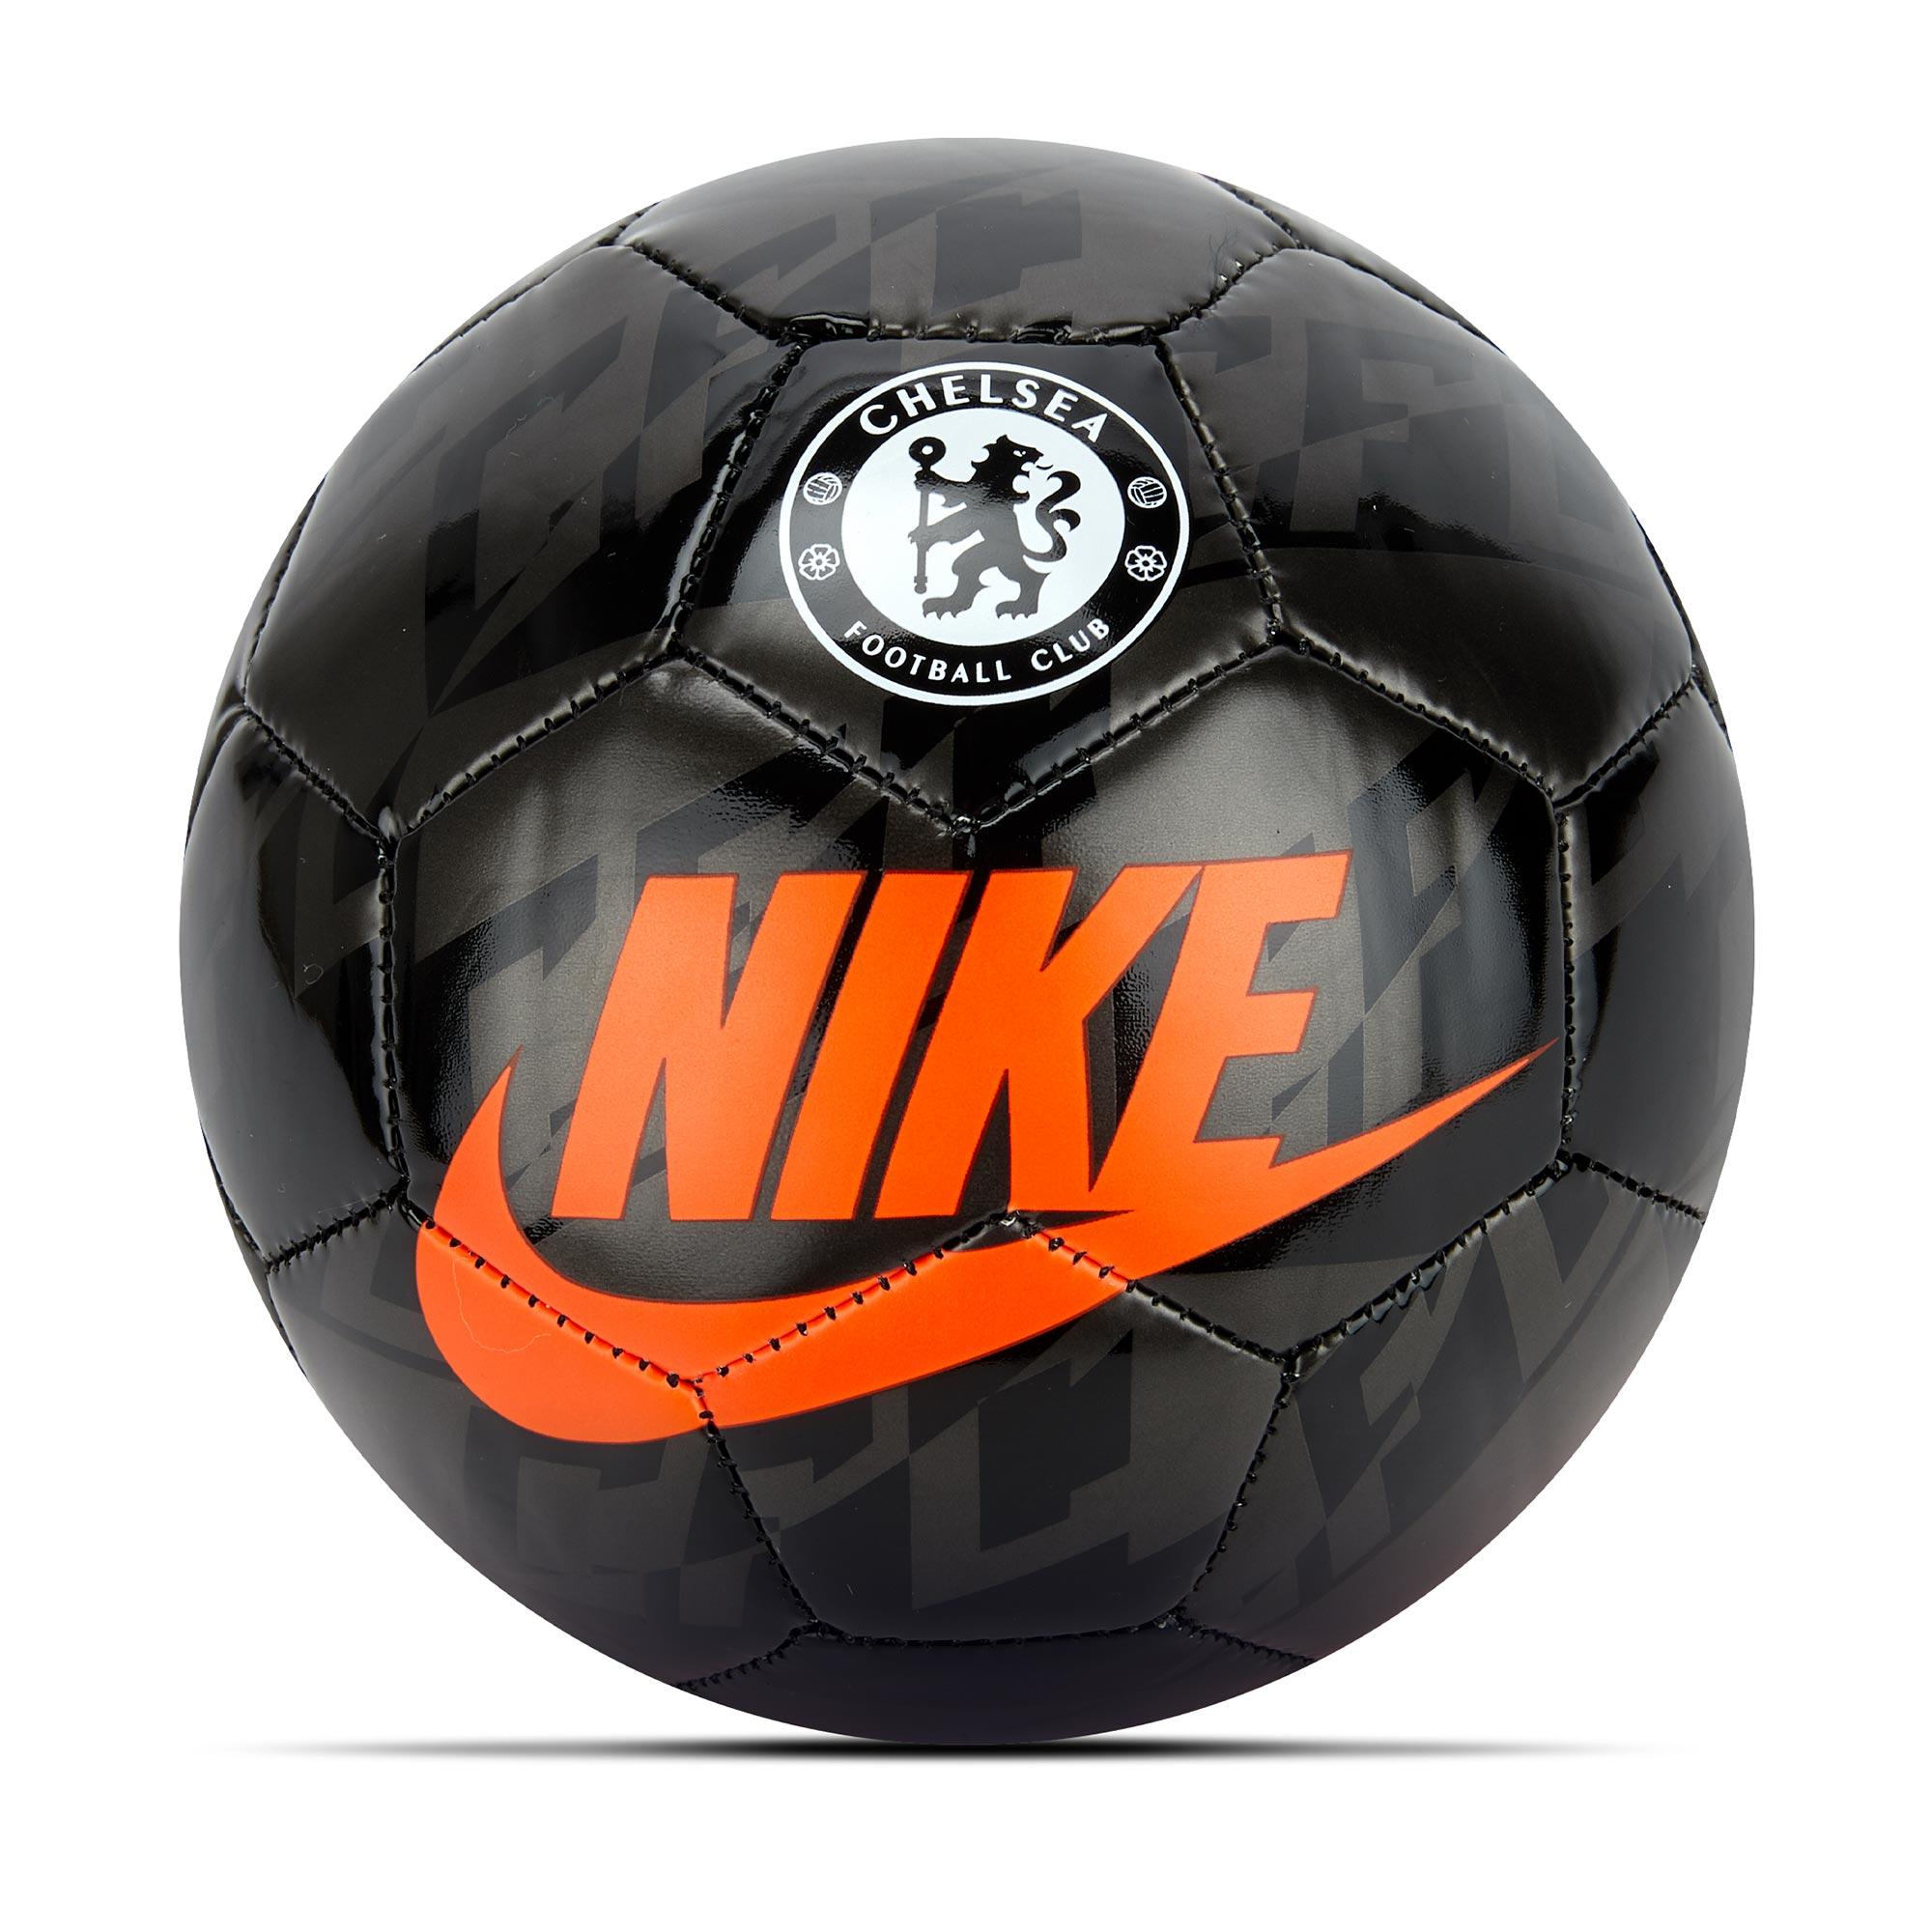 Balón de fútbol Skills de Nike del Chelsea